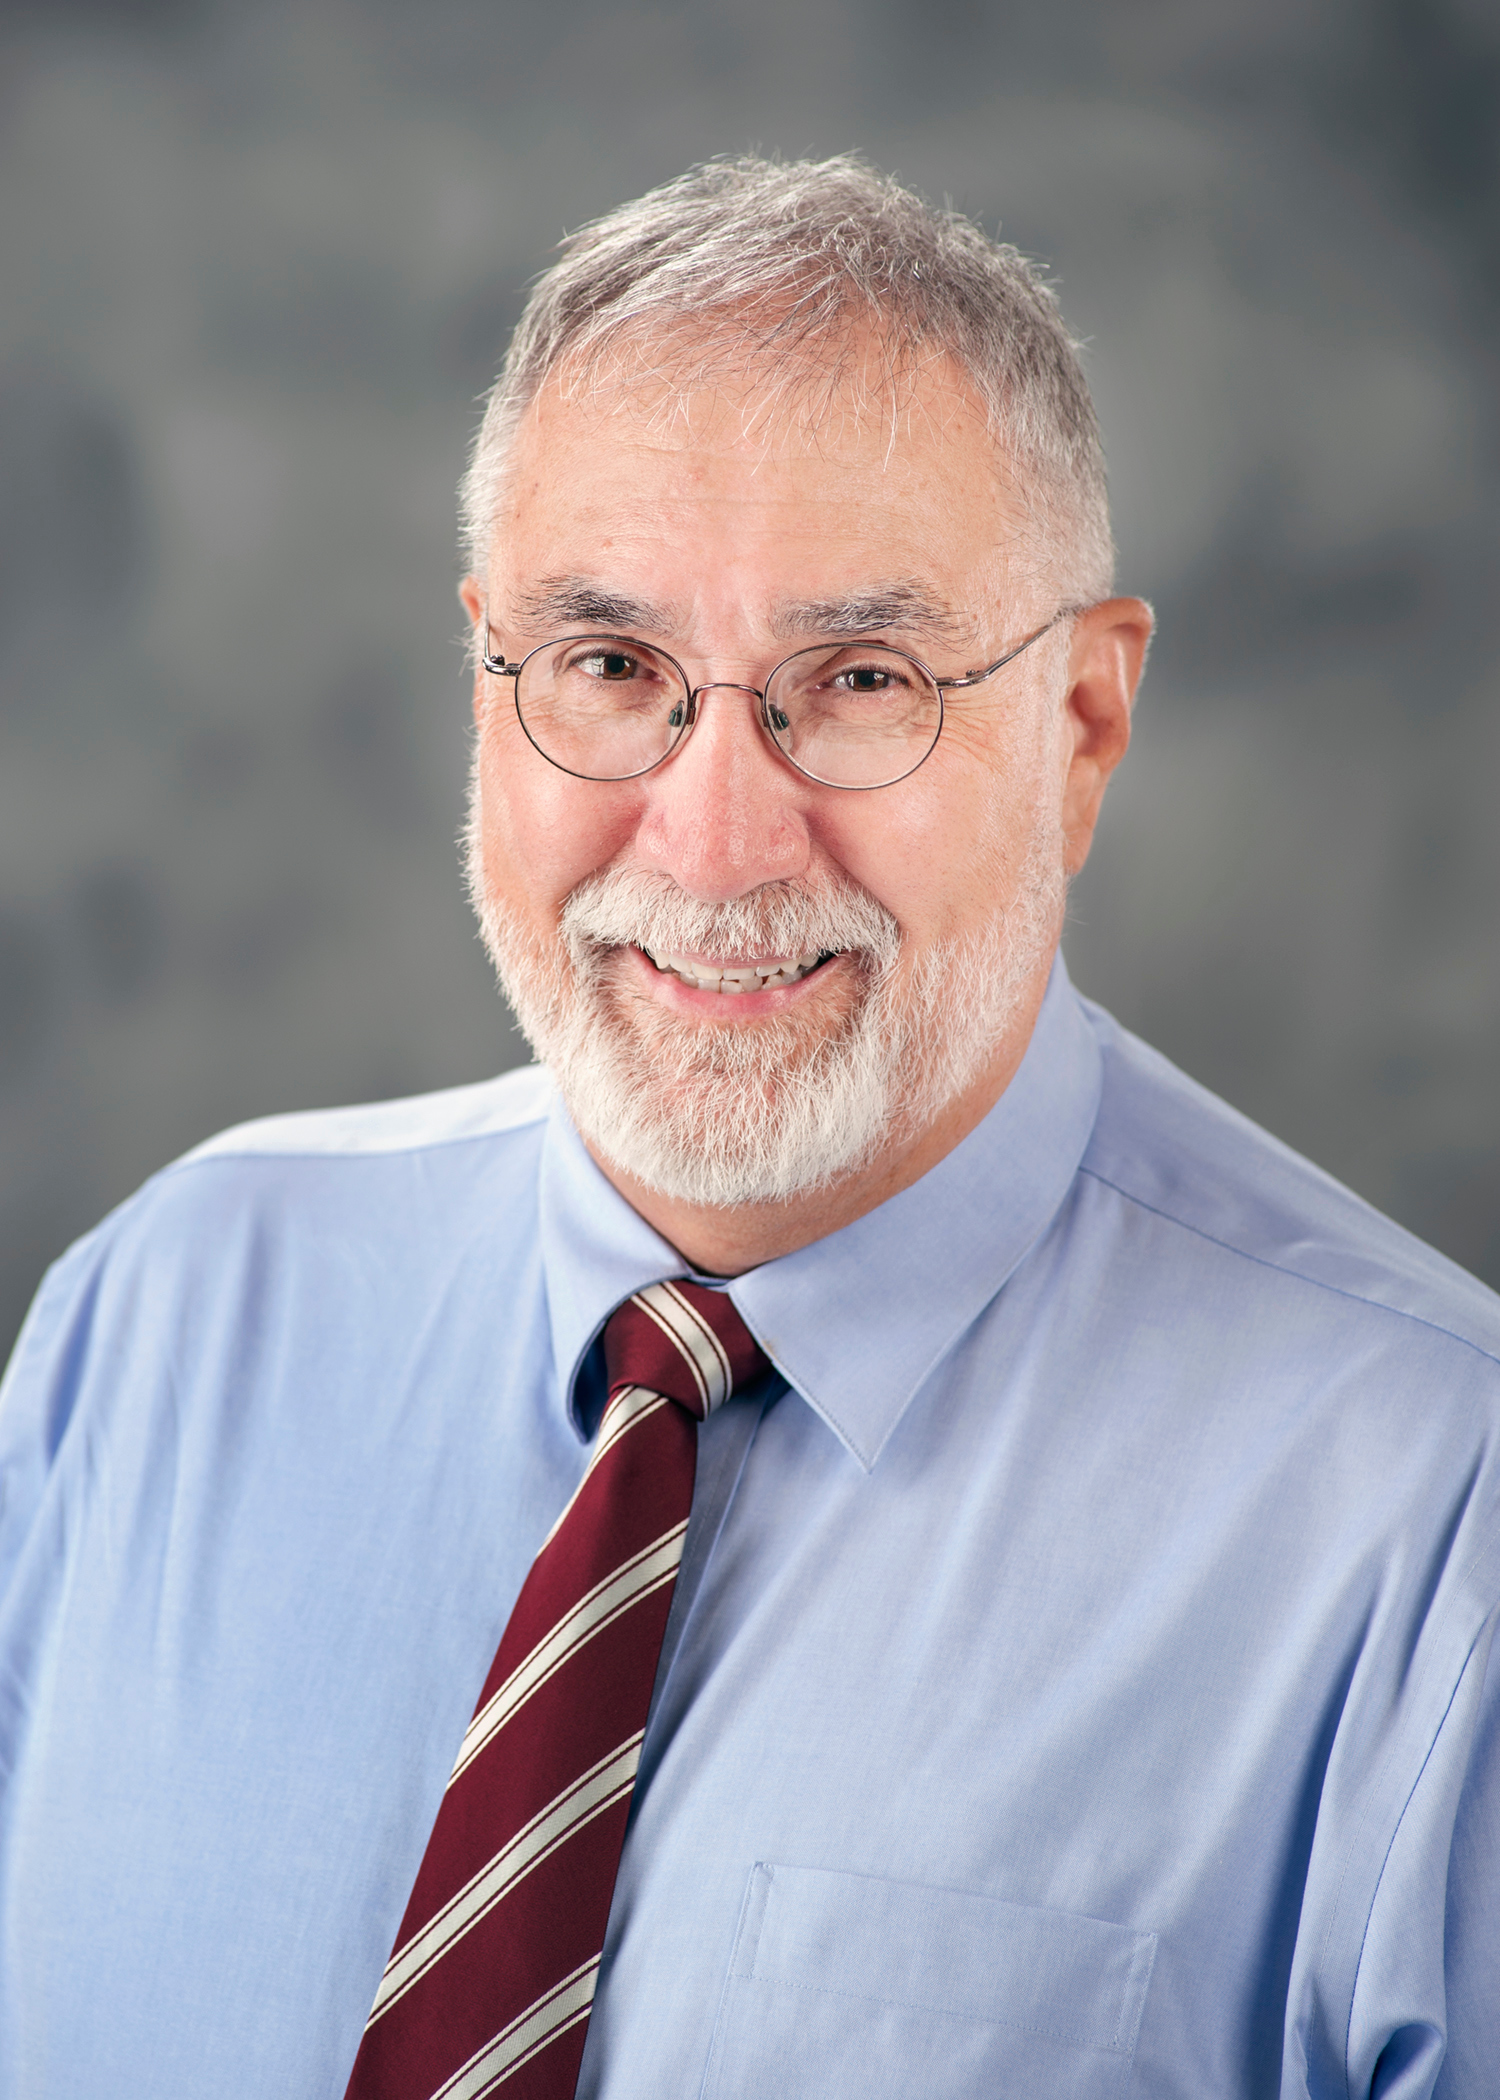 Noel Addy Jr., CPA PhD